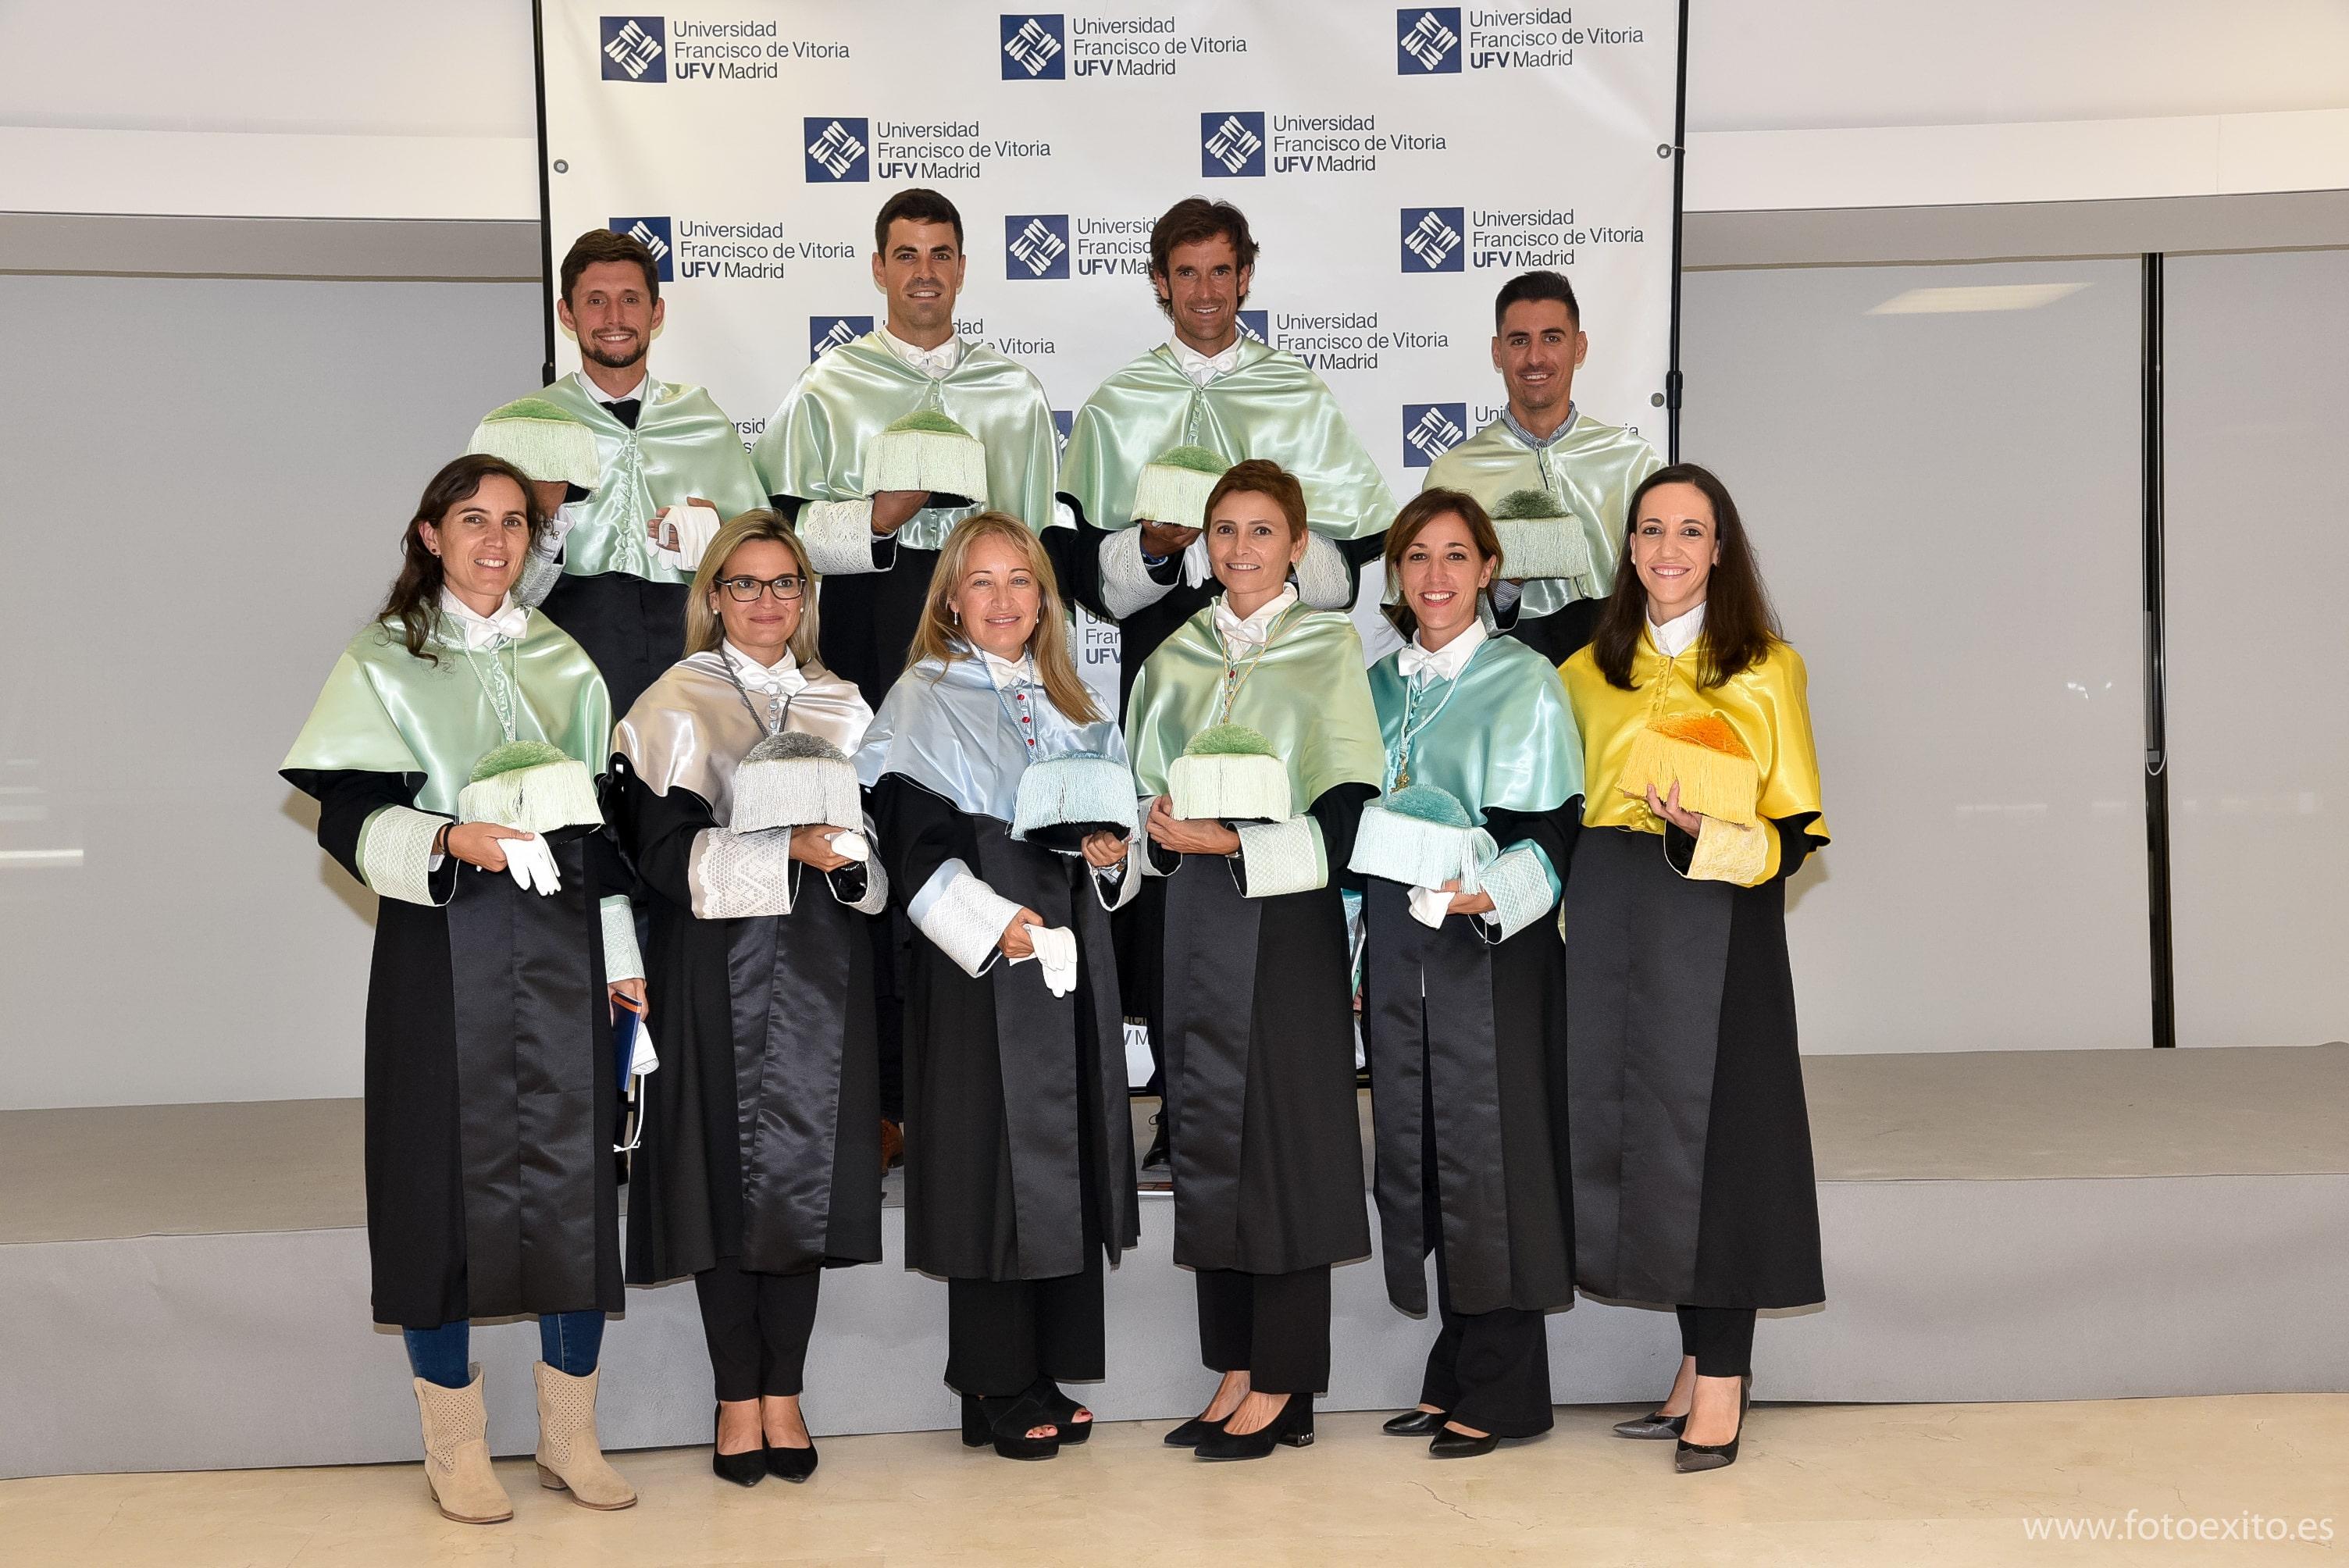 210915UFV 644 min Actos académicos Estudiar en Universidad Privada Madrid